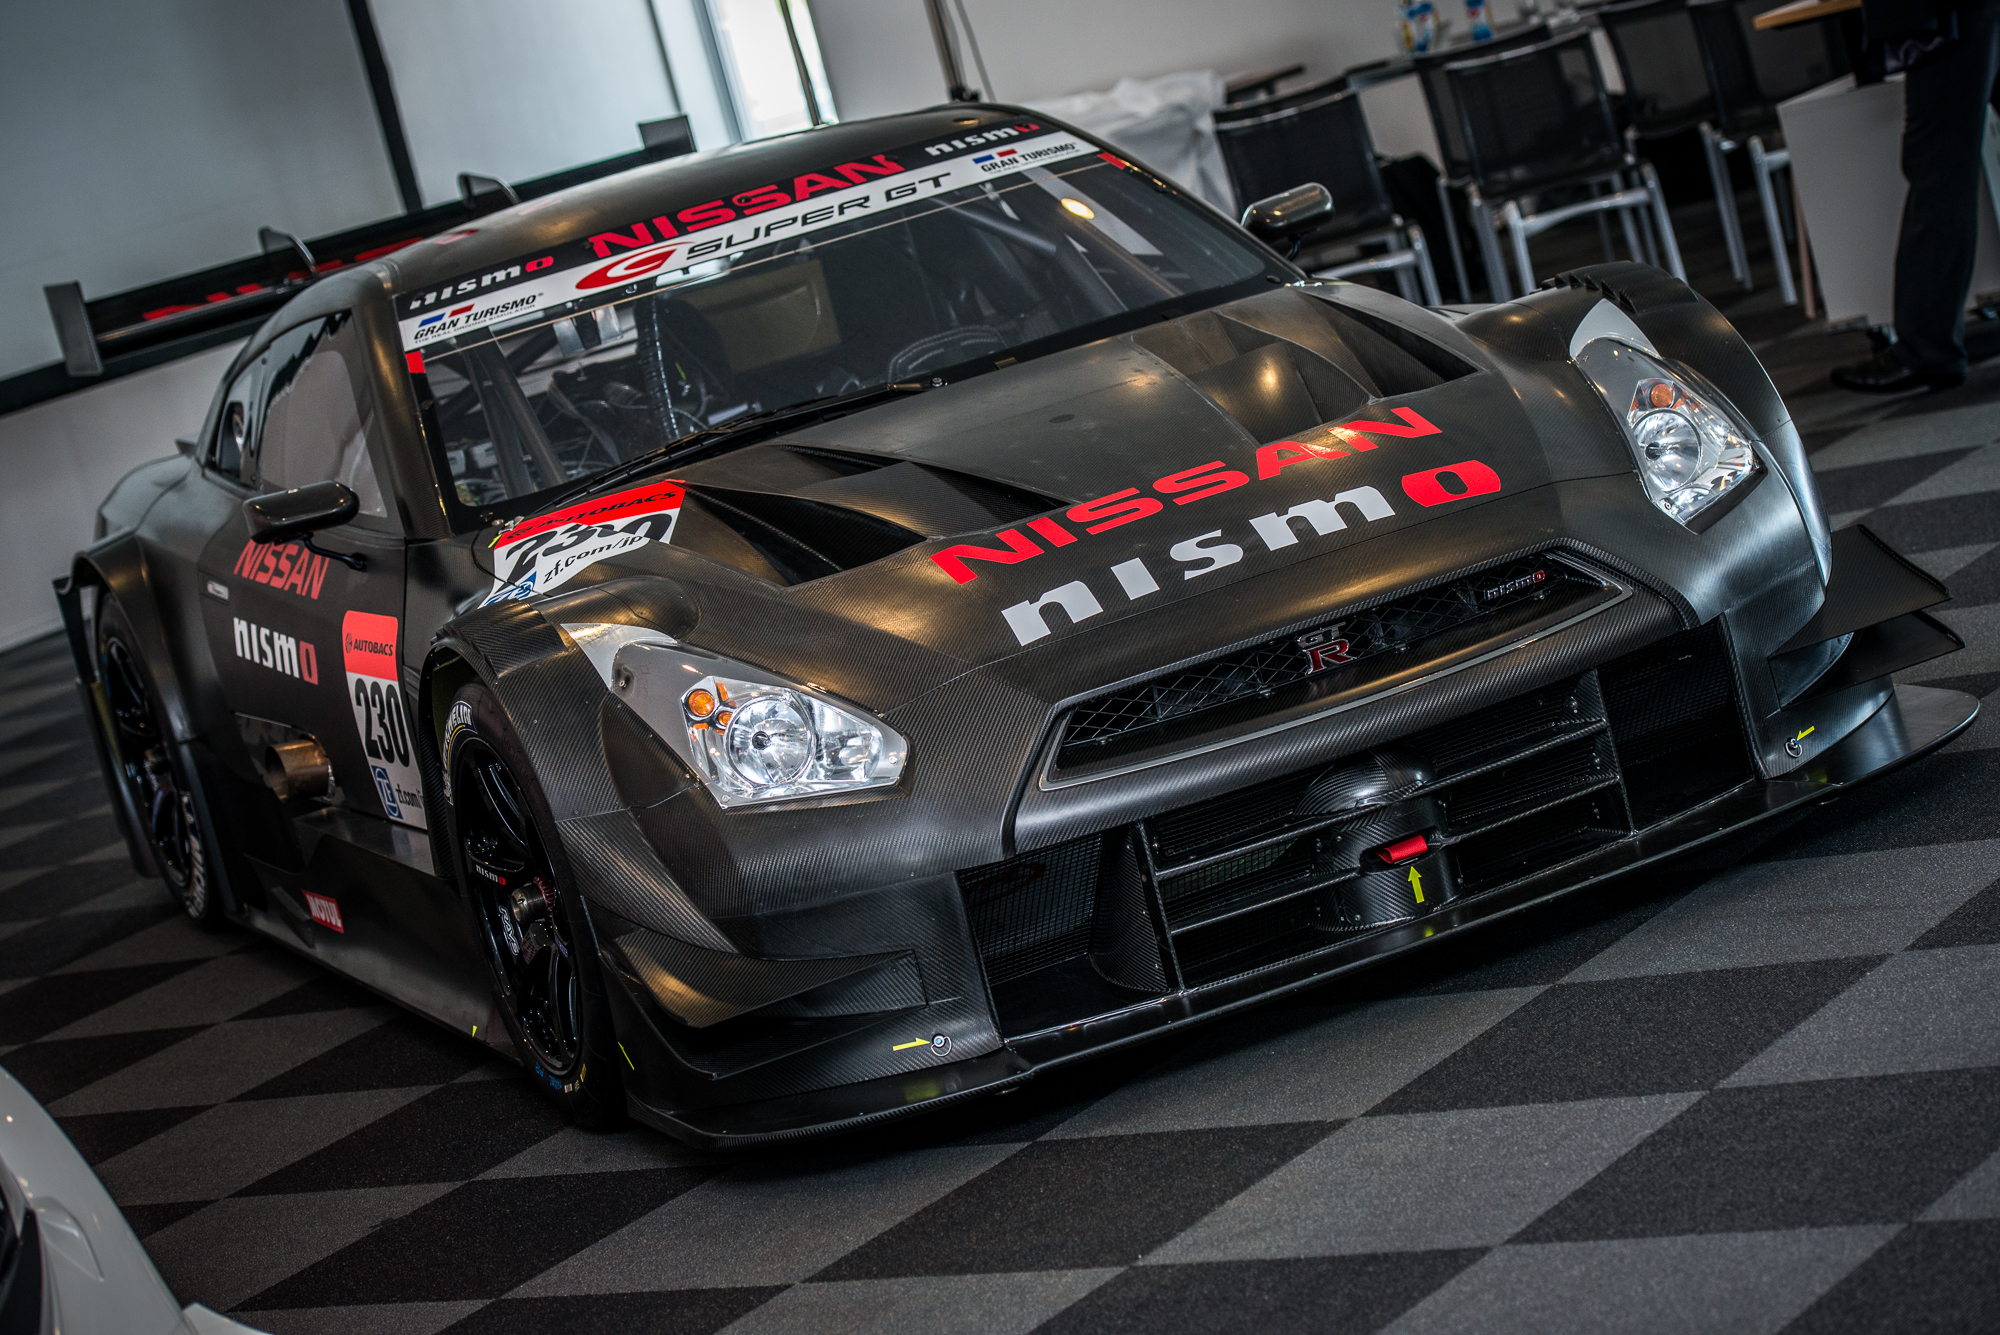 Nissan Cars News 2014 Gt R Nismo Gt500 Racer